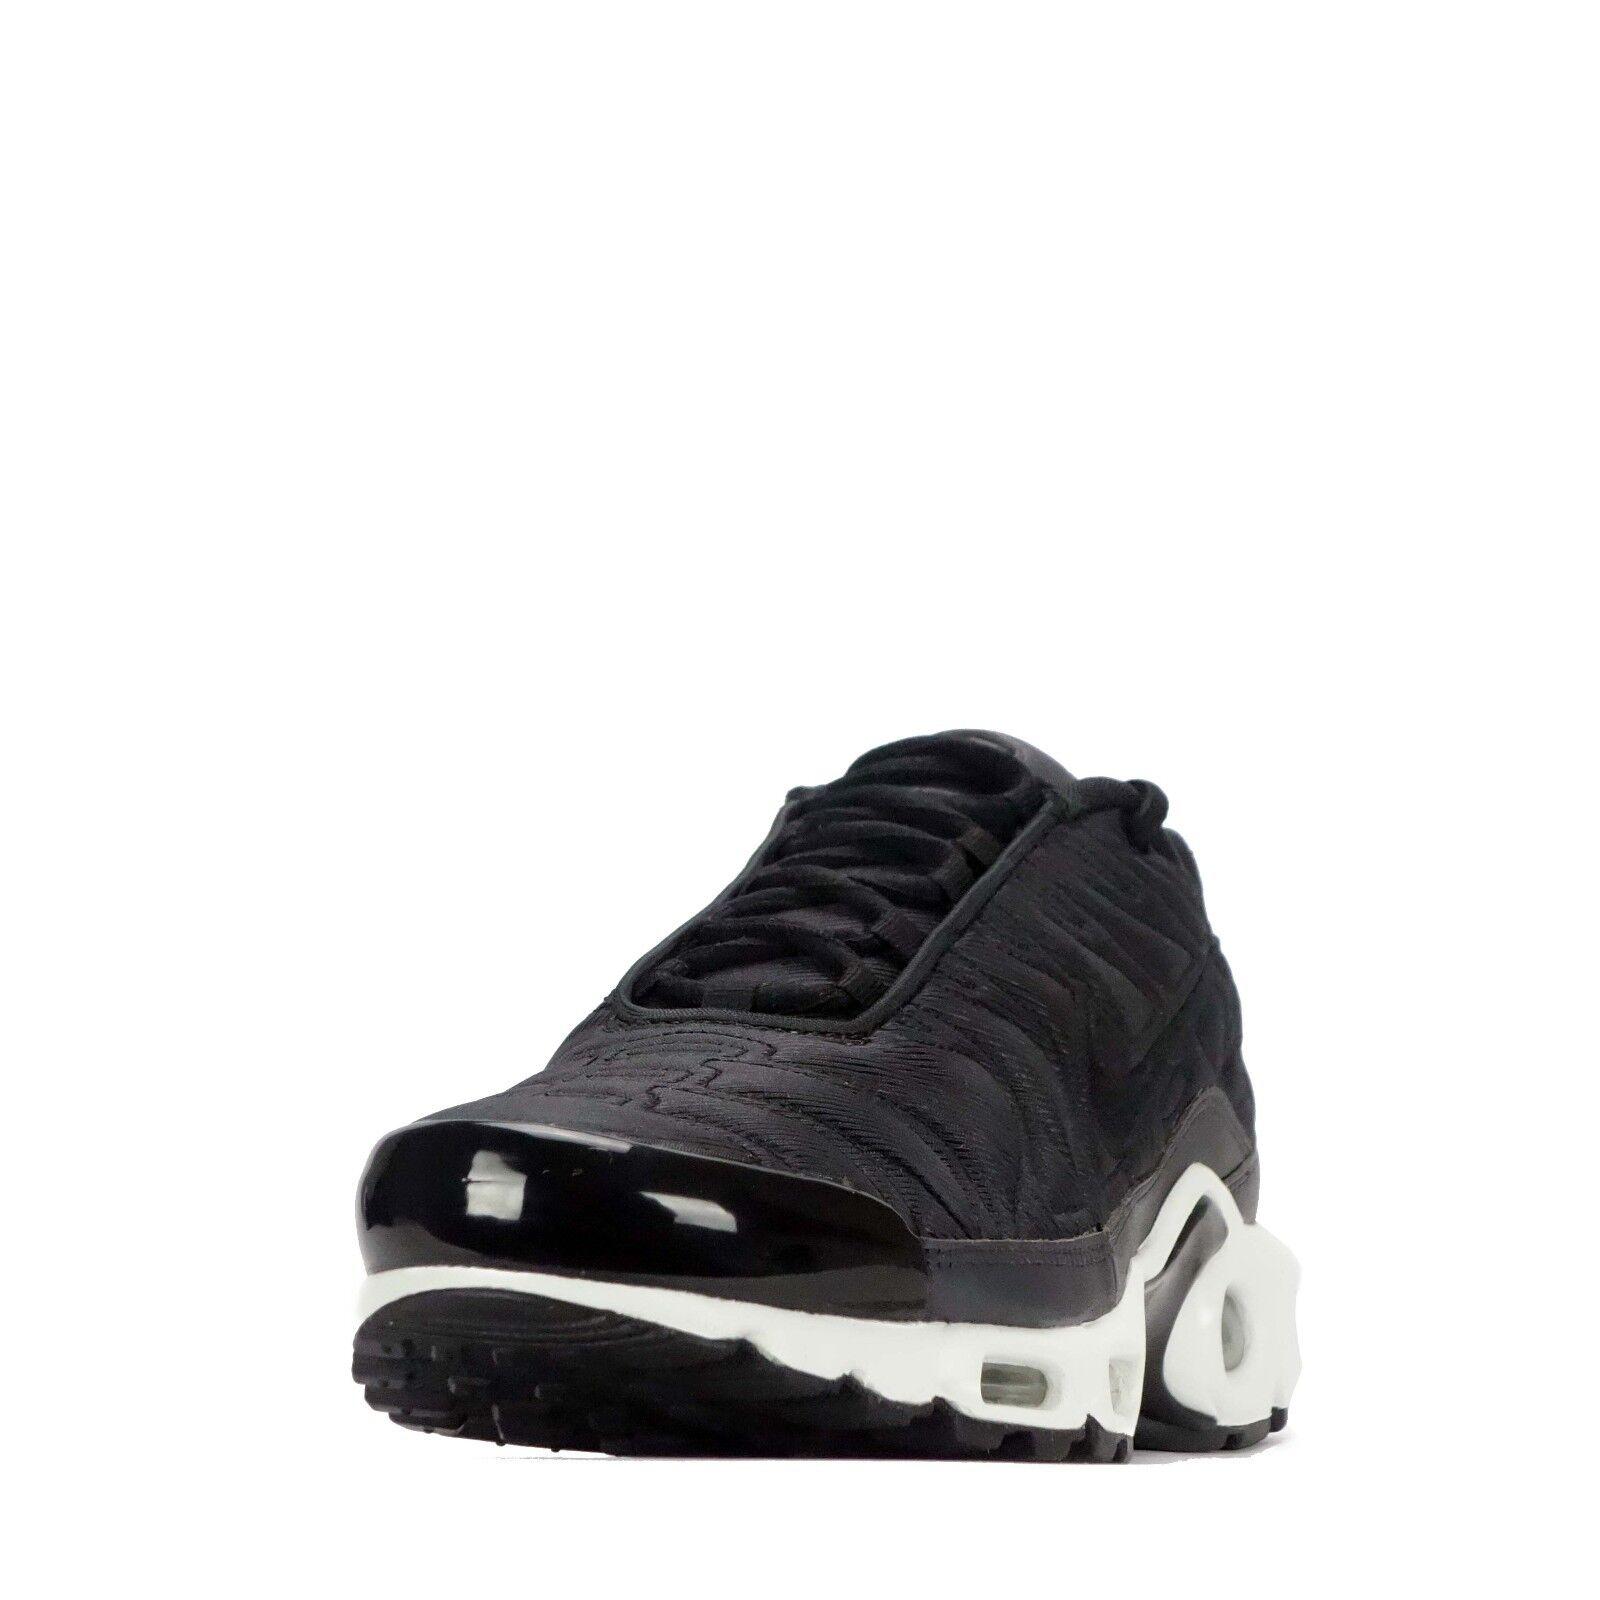 NIKE AIR MAX PLUS SE ZN Tuned gesteppt Damen Schuhe / in metallischem Hämatit / Schuhe 1adf5f